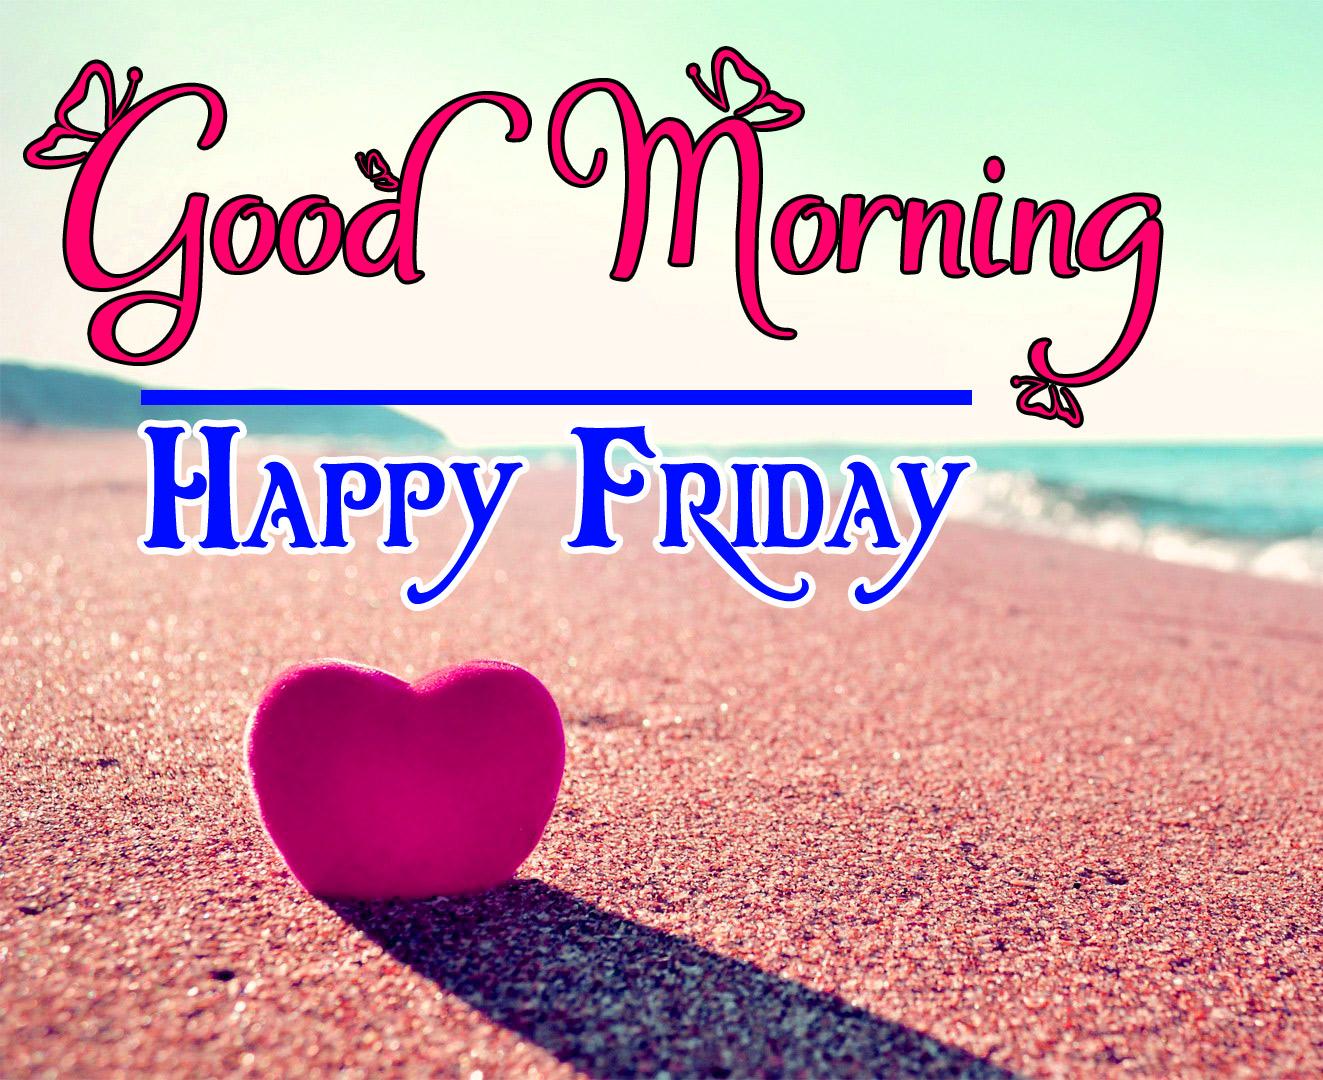 Good Morning Wishes Image 2